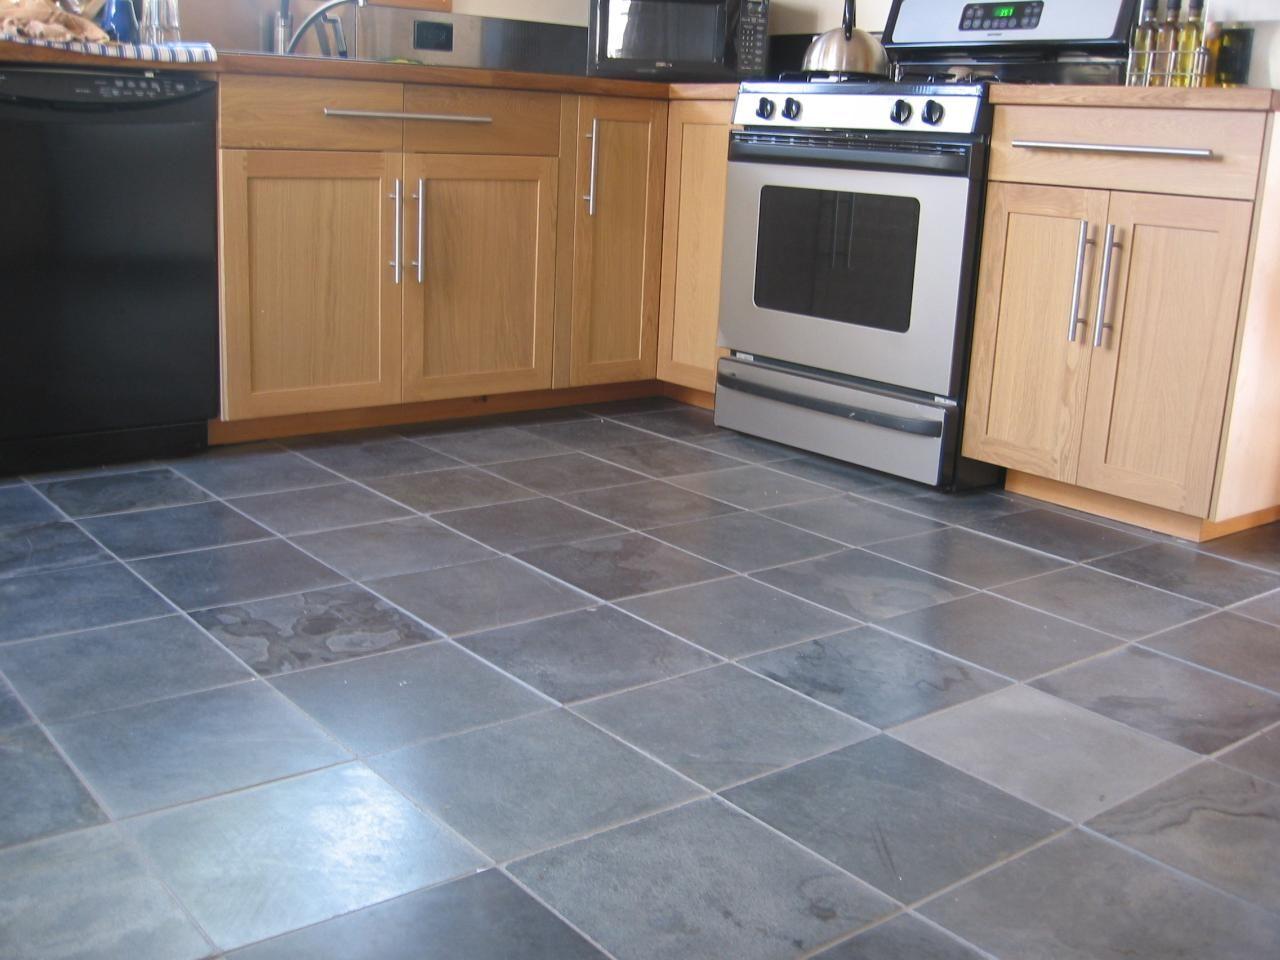 tile floors kitchen tiles floor Dark Kitchen Floor Tiles Designs